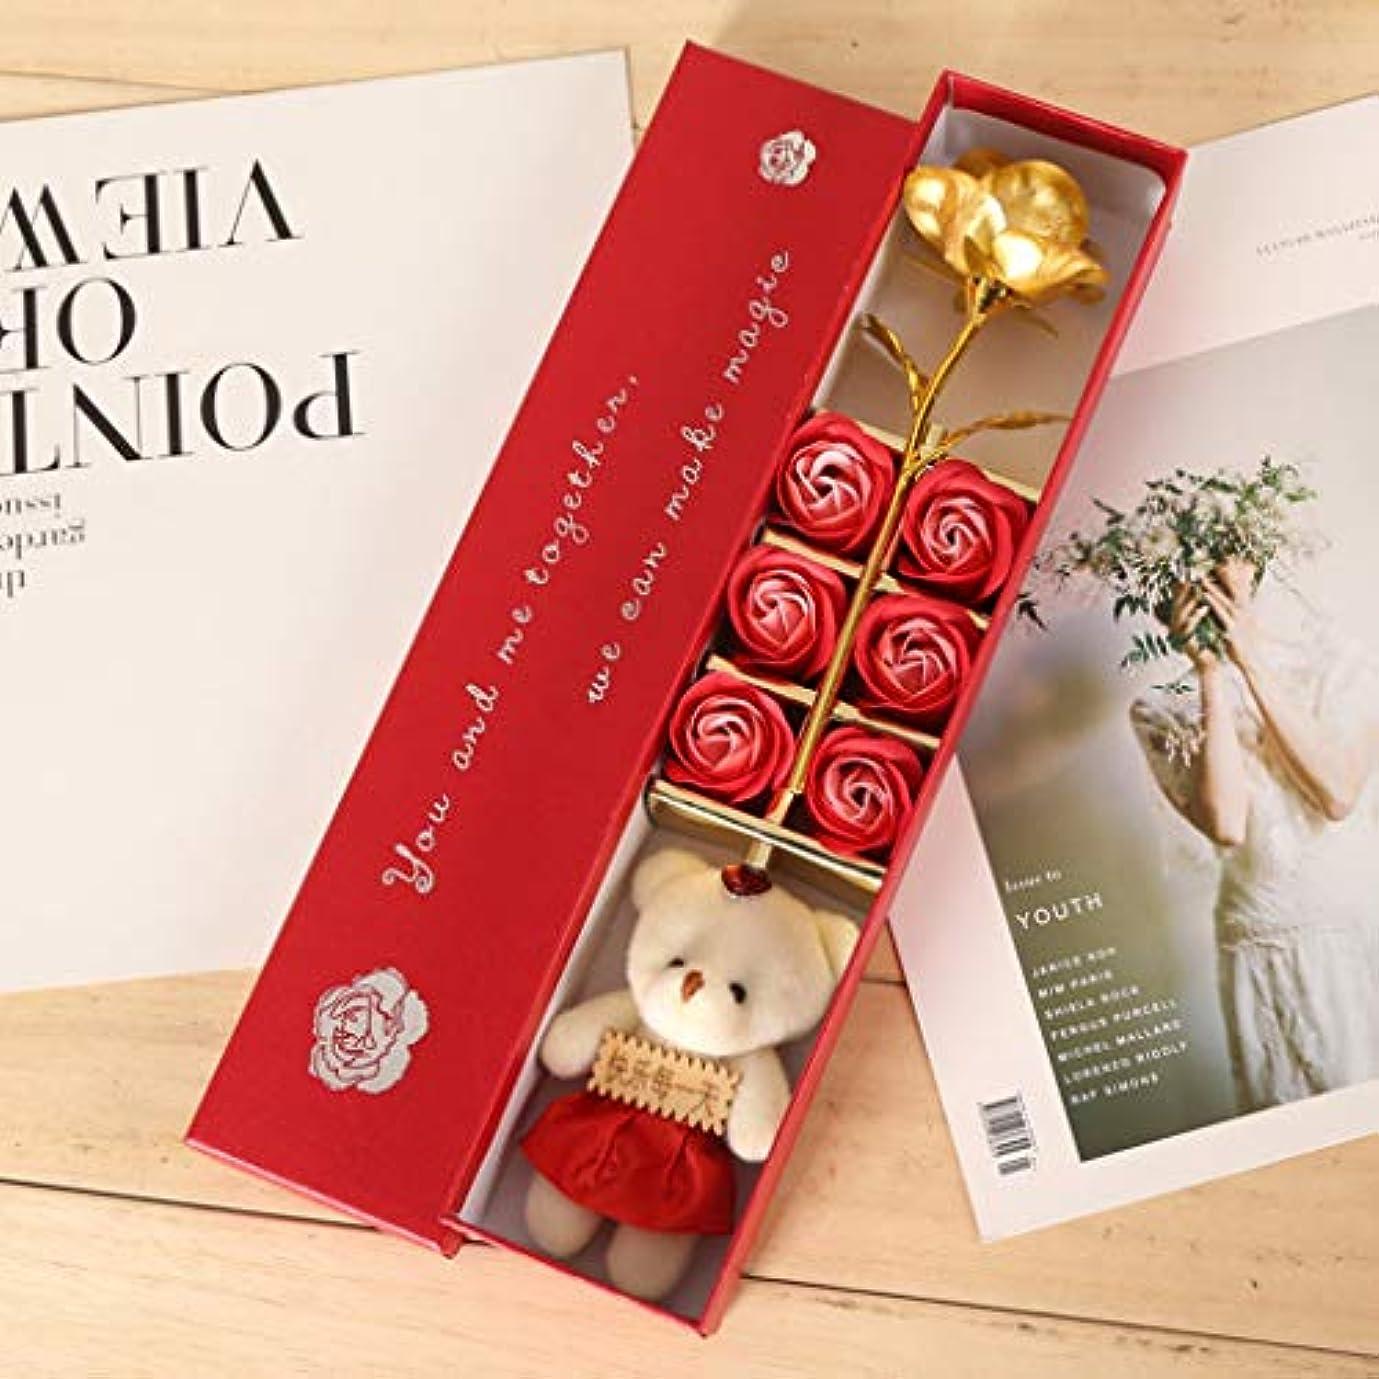 ブロッサム浅い酸【ゴールデンローズギフトボックス】6石鹸のバラの花/せっけんの花/かわいいバラ/素敵な女の子/ママへのユニークな贈り物/誕生日/母の日/記念日/バレンタインデー/卒業プレゼント/あなたが愛した人のための女性 (レッド)